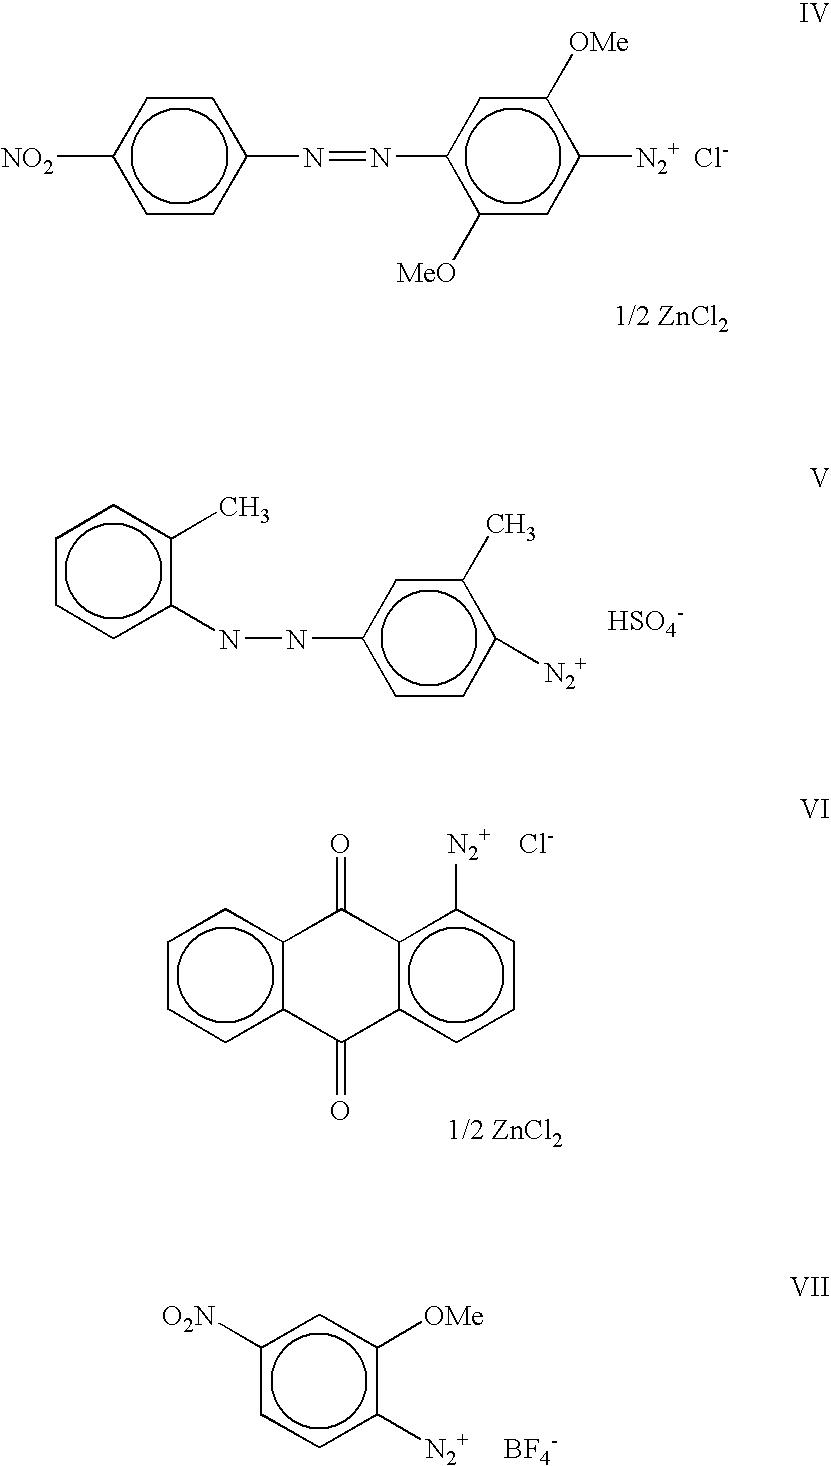 Figure US20050130078A1-20050616-C00008